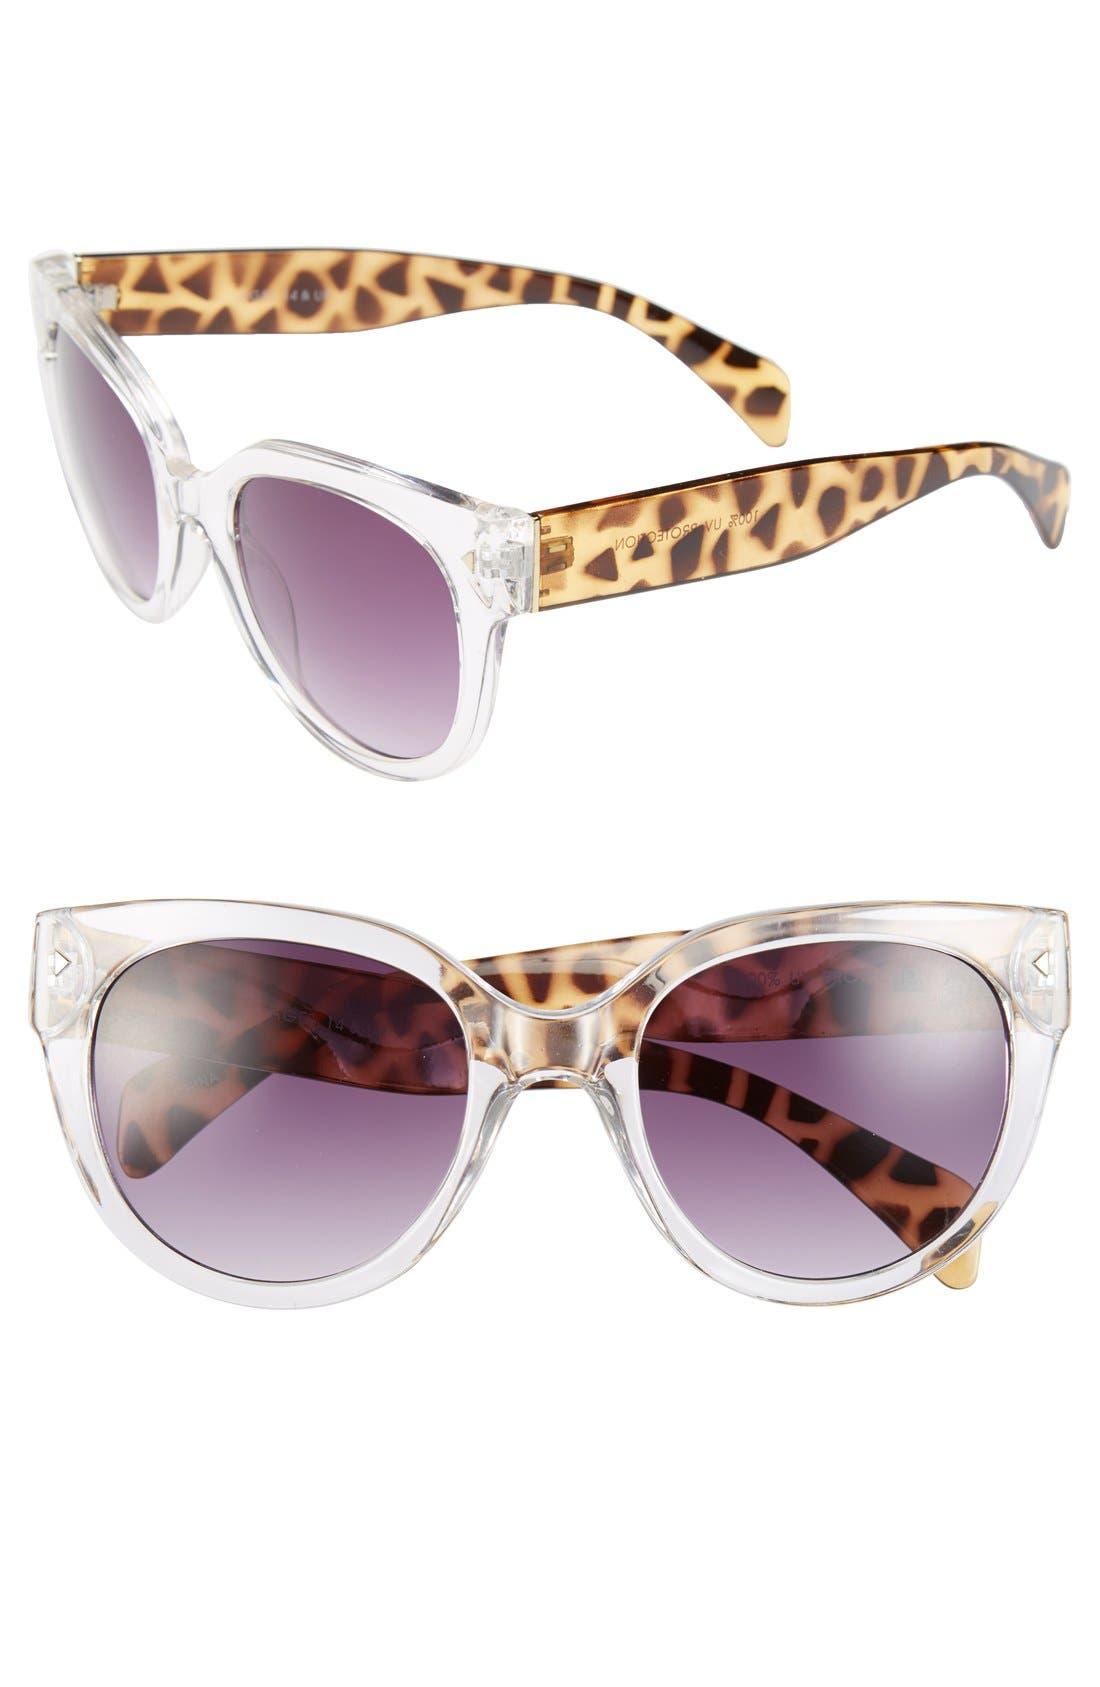 Main Image - FE NY 'Animal' 53mm Sunglasses